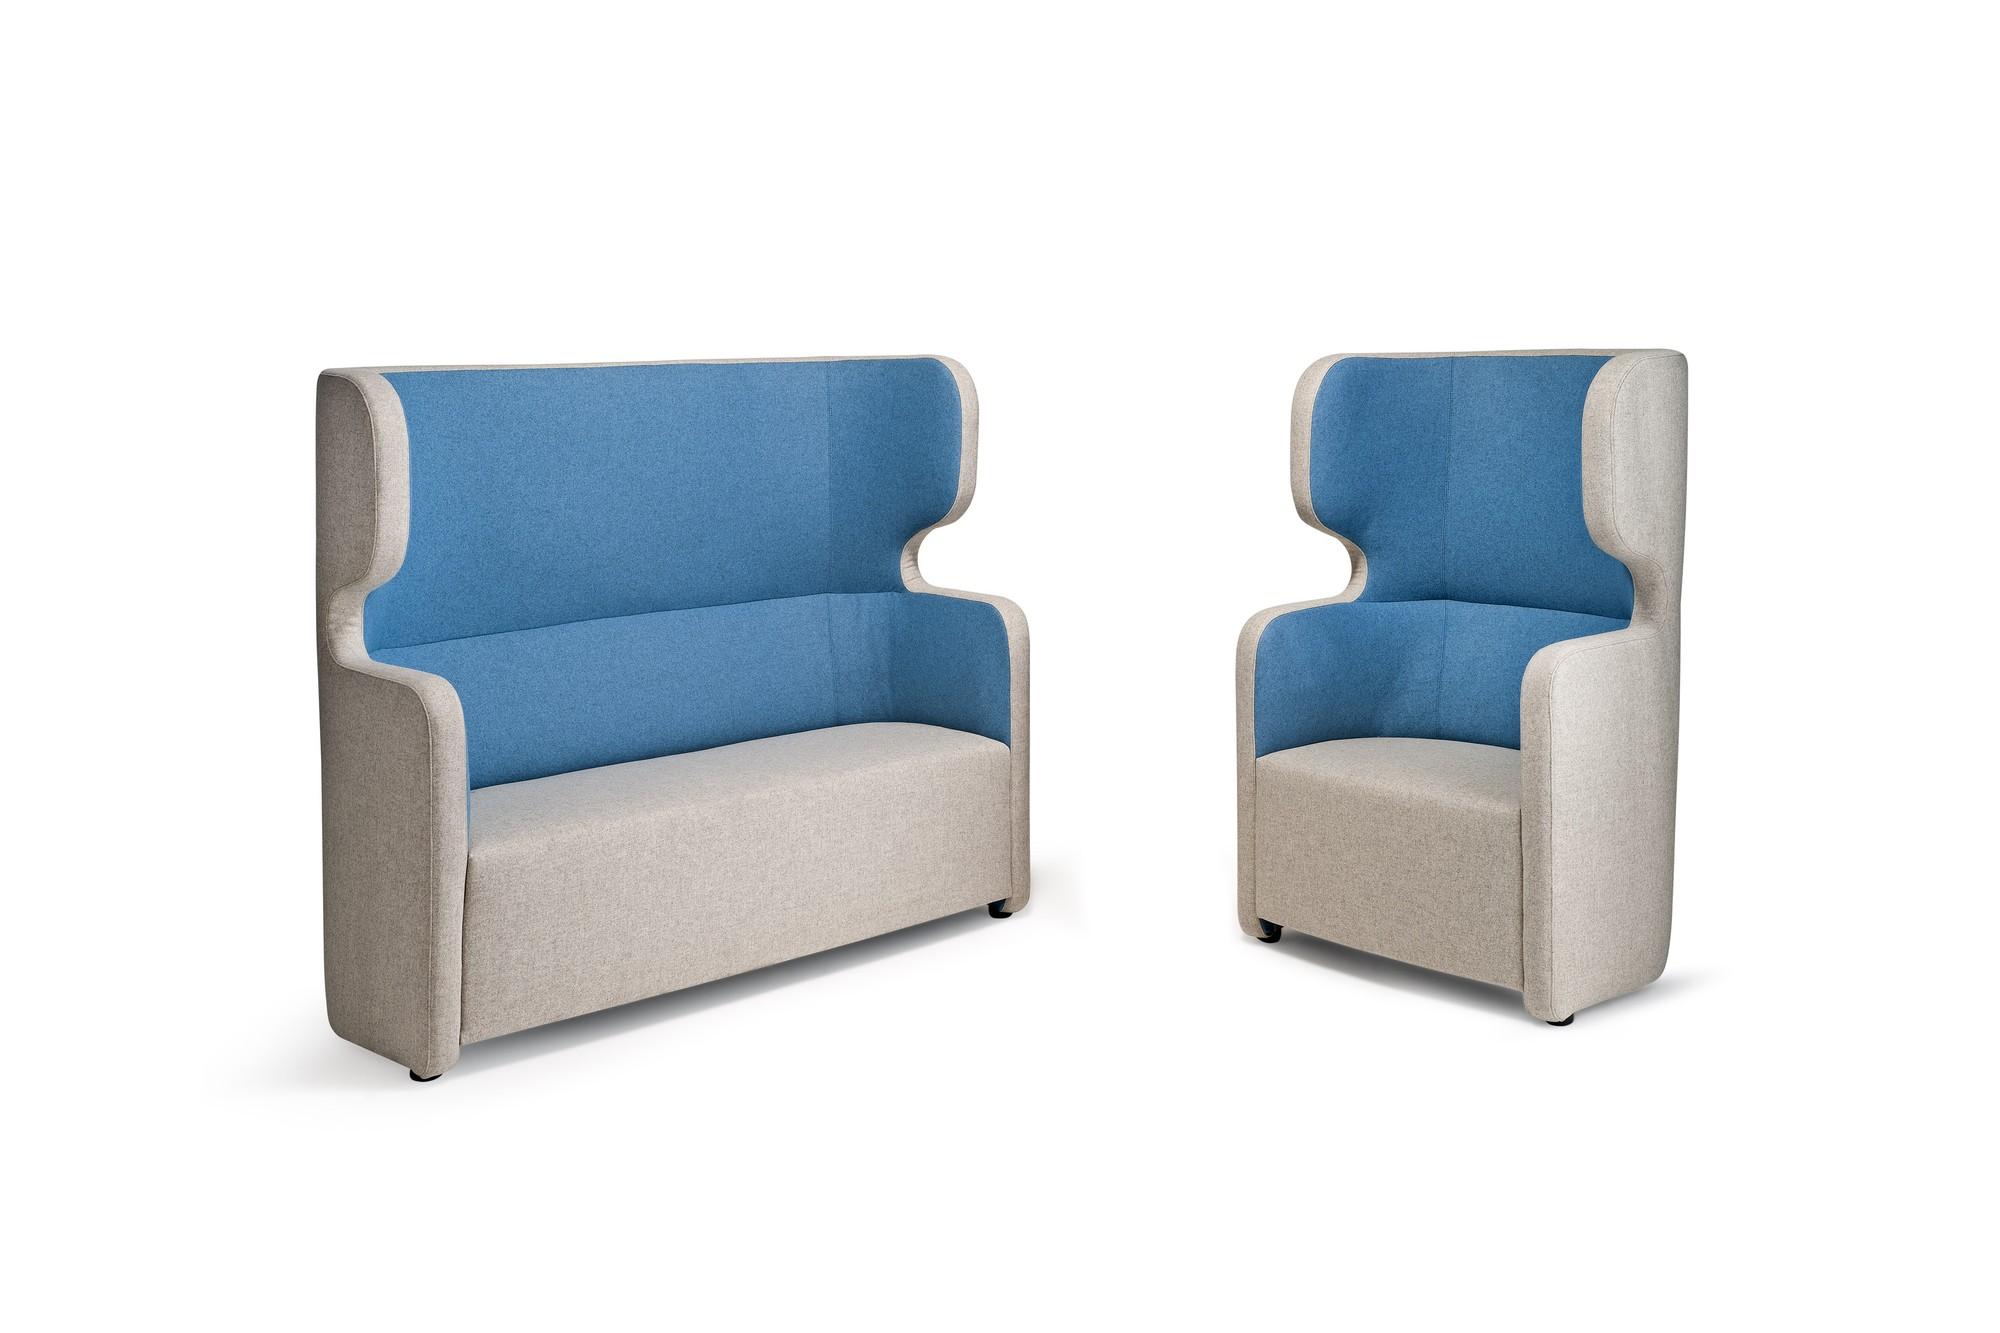 banquette acoustique conomique avec dossier haut. Black Bedroom Furniture Sets. Home Design Ideas